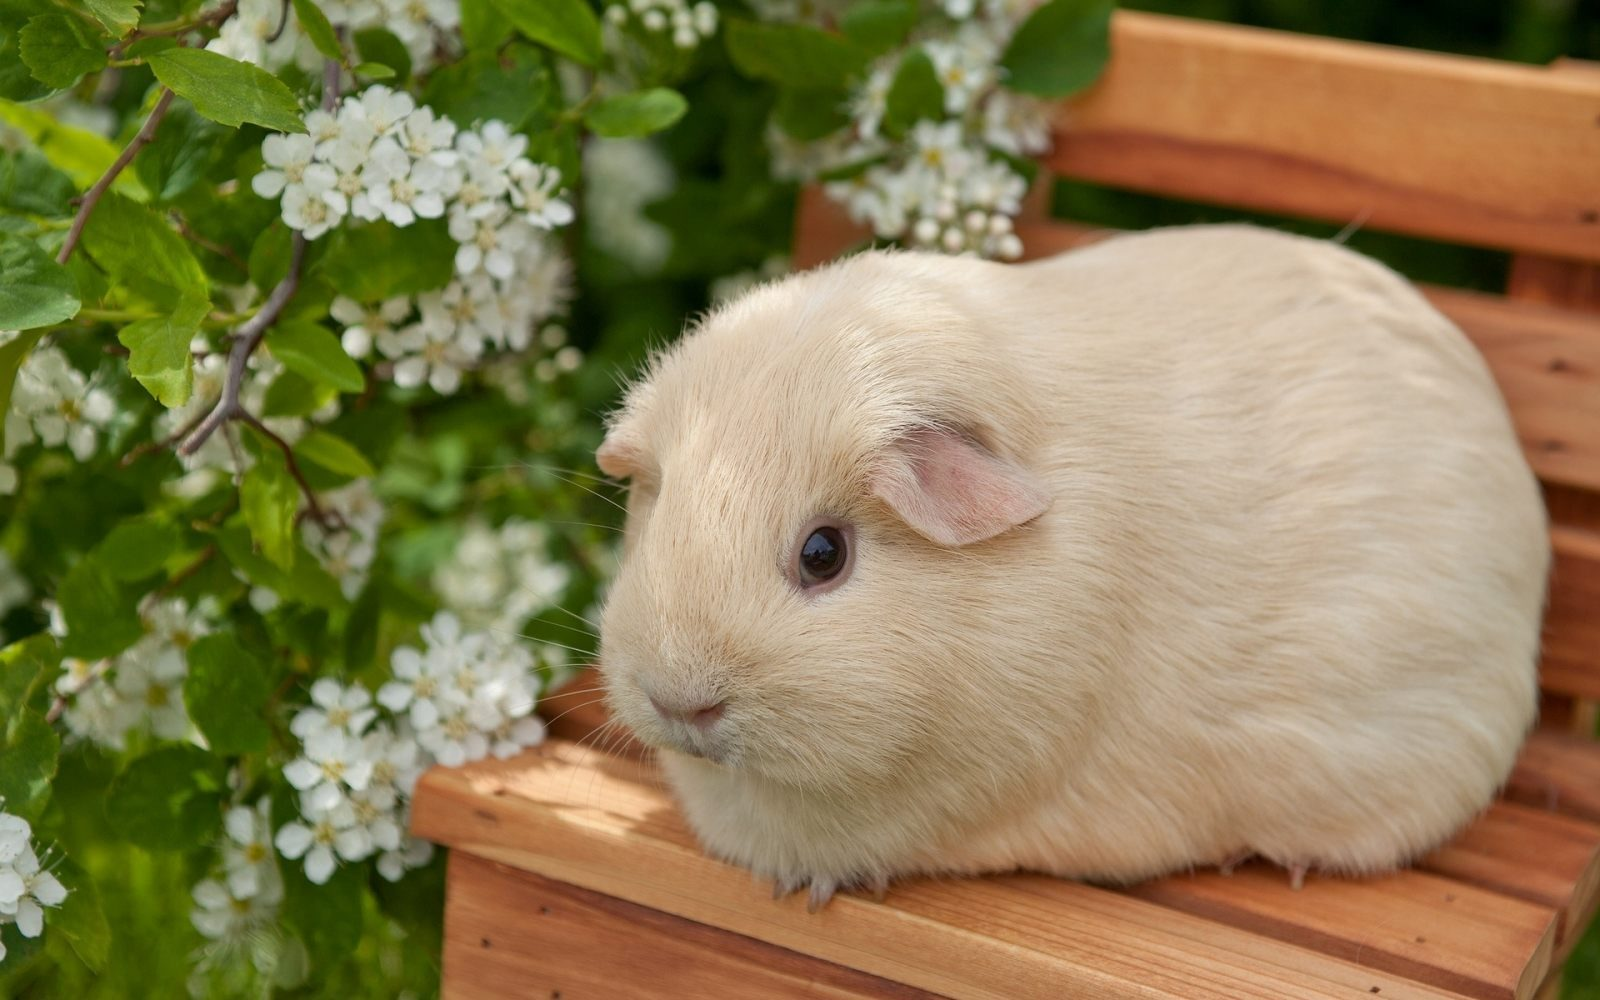 Galería de imágenes: Fondos de conejos de Indias